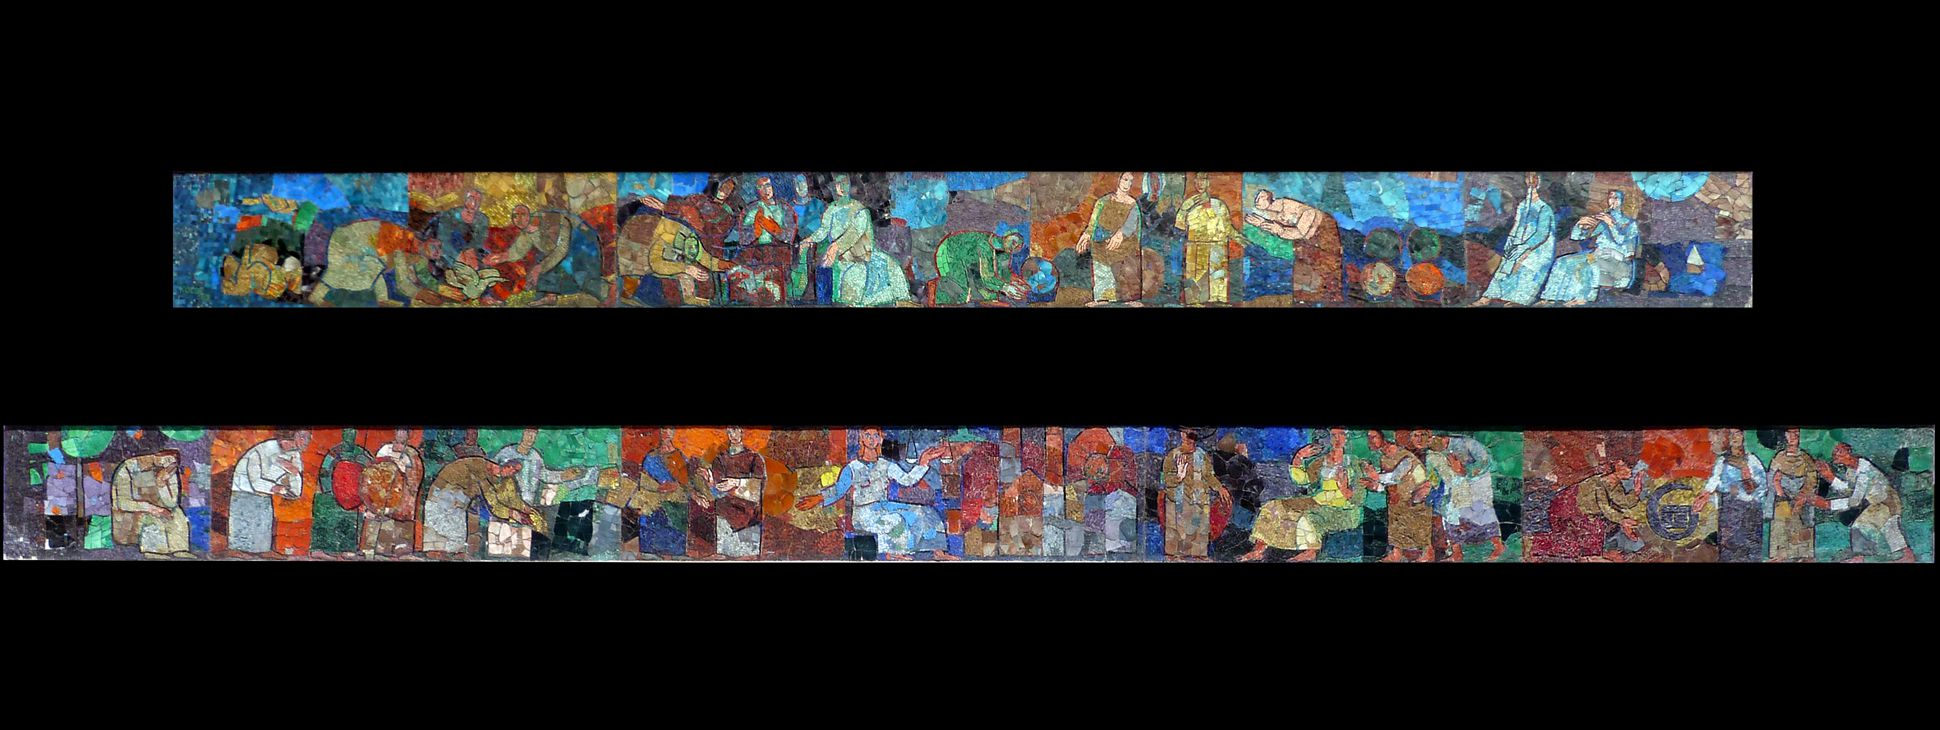 Mosaik am Hauptmarkt in Nürnberg Mosaikbänder